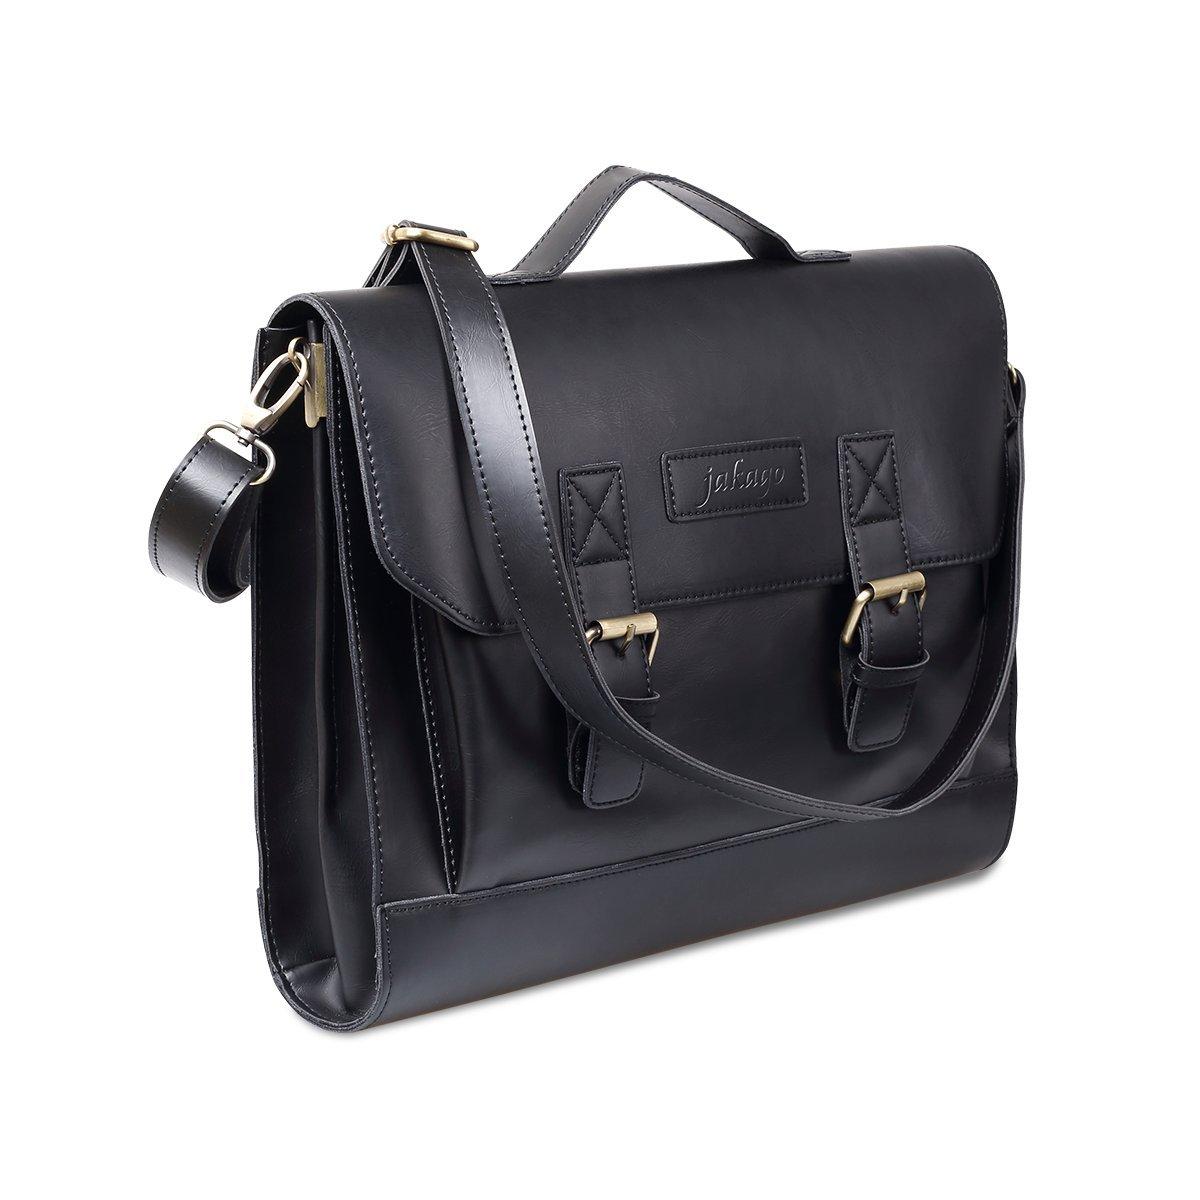 JAKAGO 14.6 Inch Vintage PU Leather Briefcase Laptop Shoulder Messenger Bag Tote School Distressed Bag for Women and Men